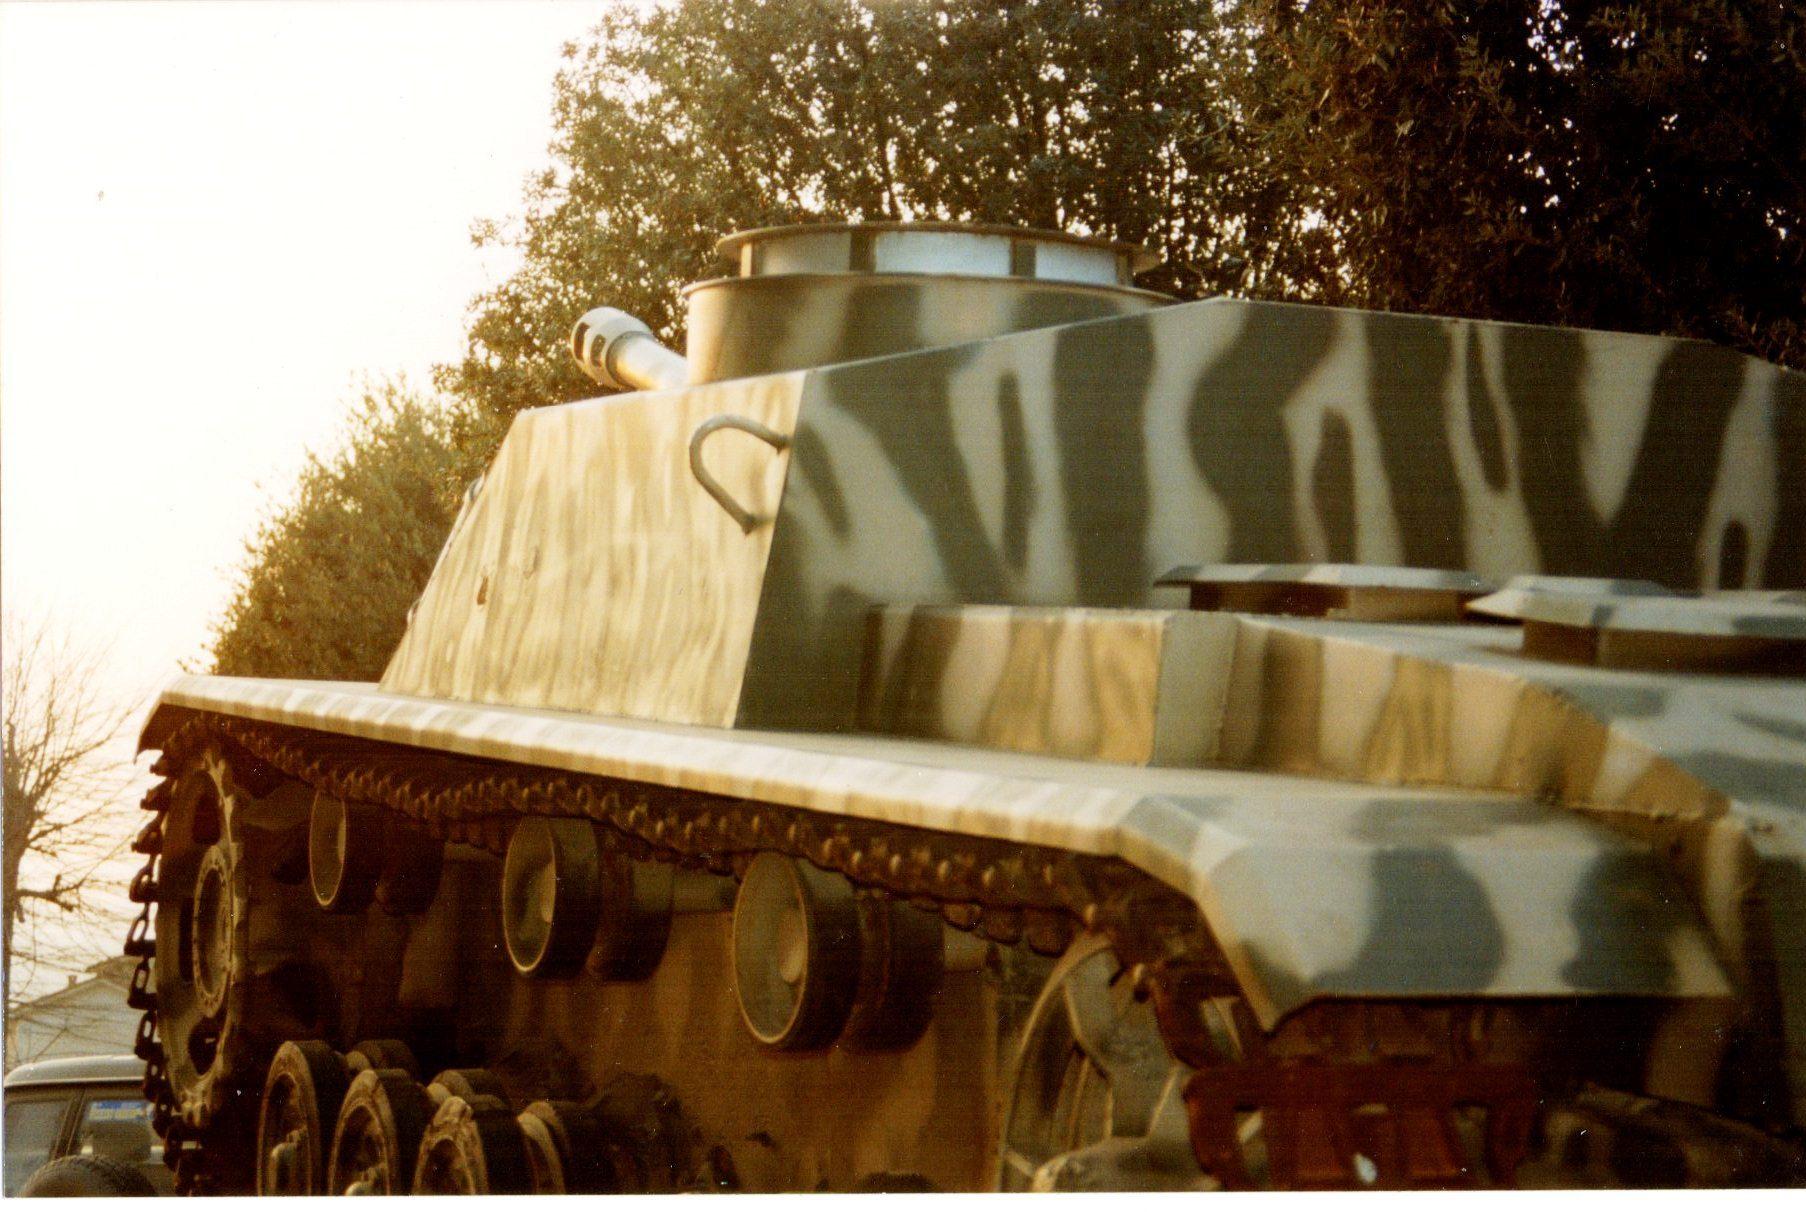 Gli StuG III Della Pz. Abt. 103 A Calenzano Di San Miniato, 23 Luglio 1944 – Di Claudio Biscarini